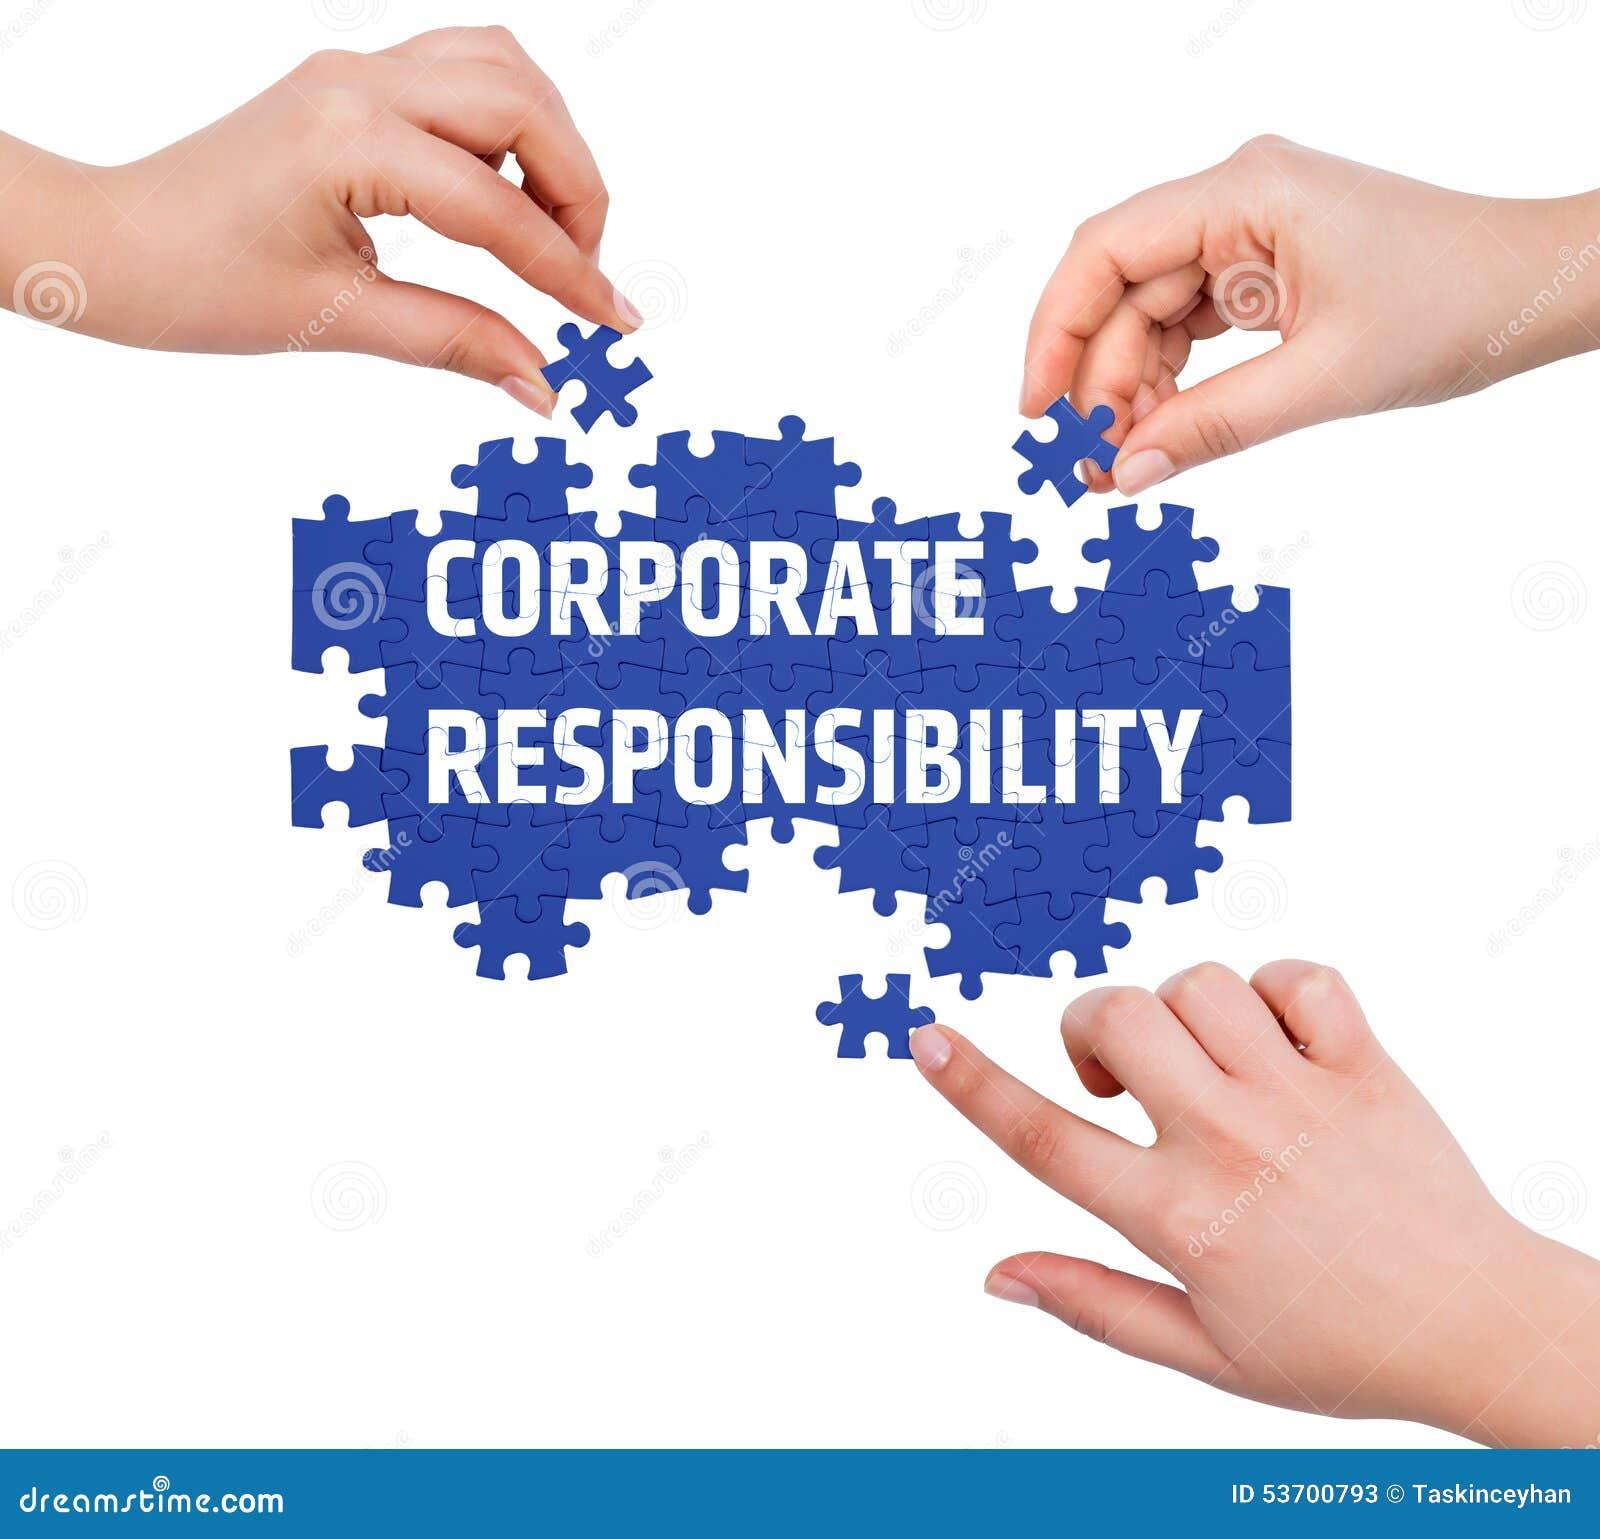 有做公司责任词的难题的手